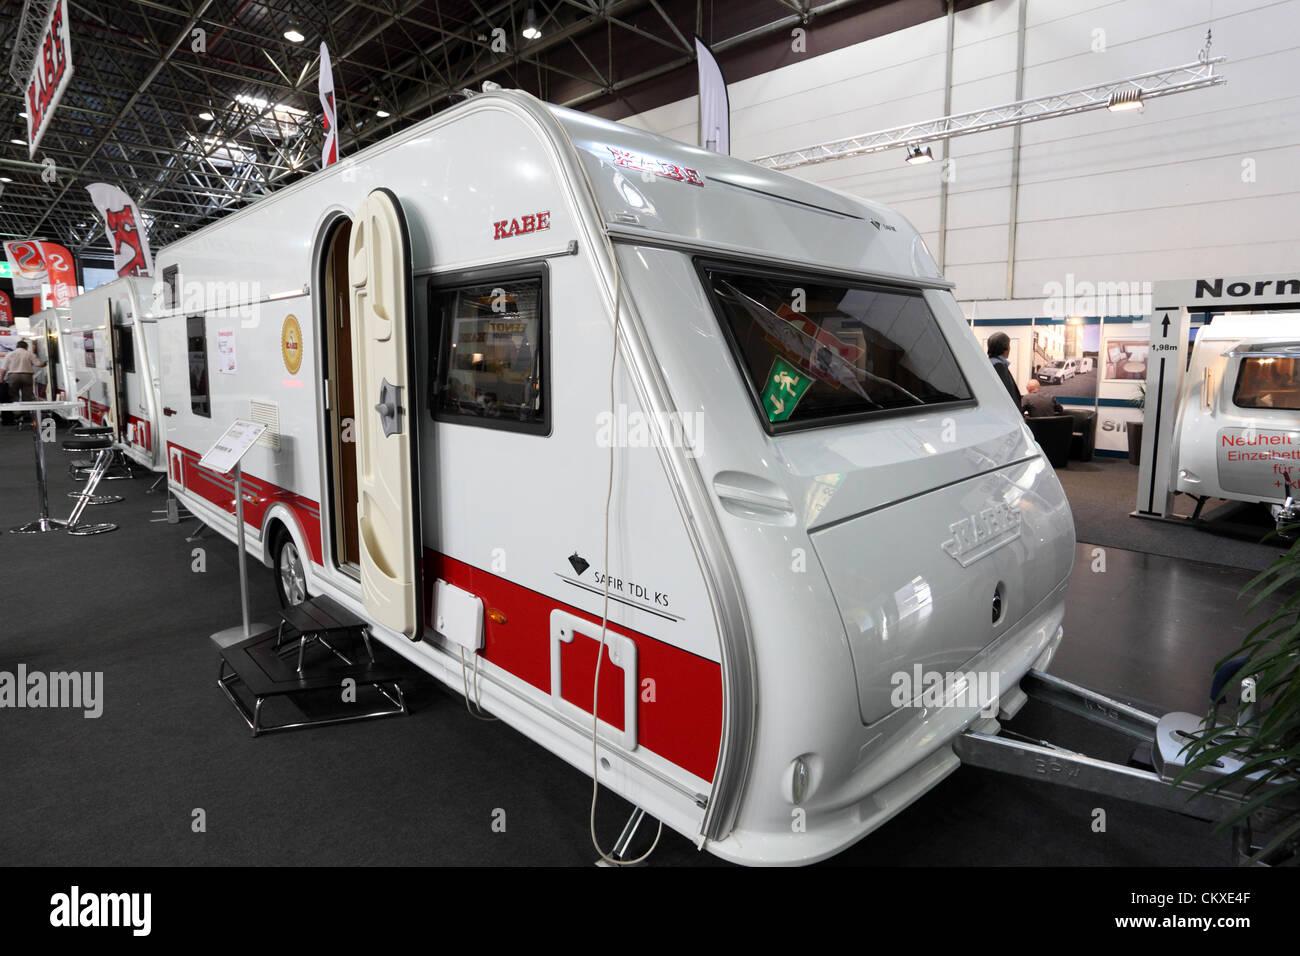 august 27 2012 in dusseldorf germany kabe safir tdl. Black Bedroom Furniture Sets. Home Design Ideas